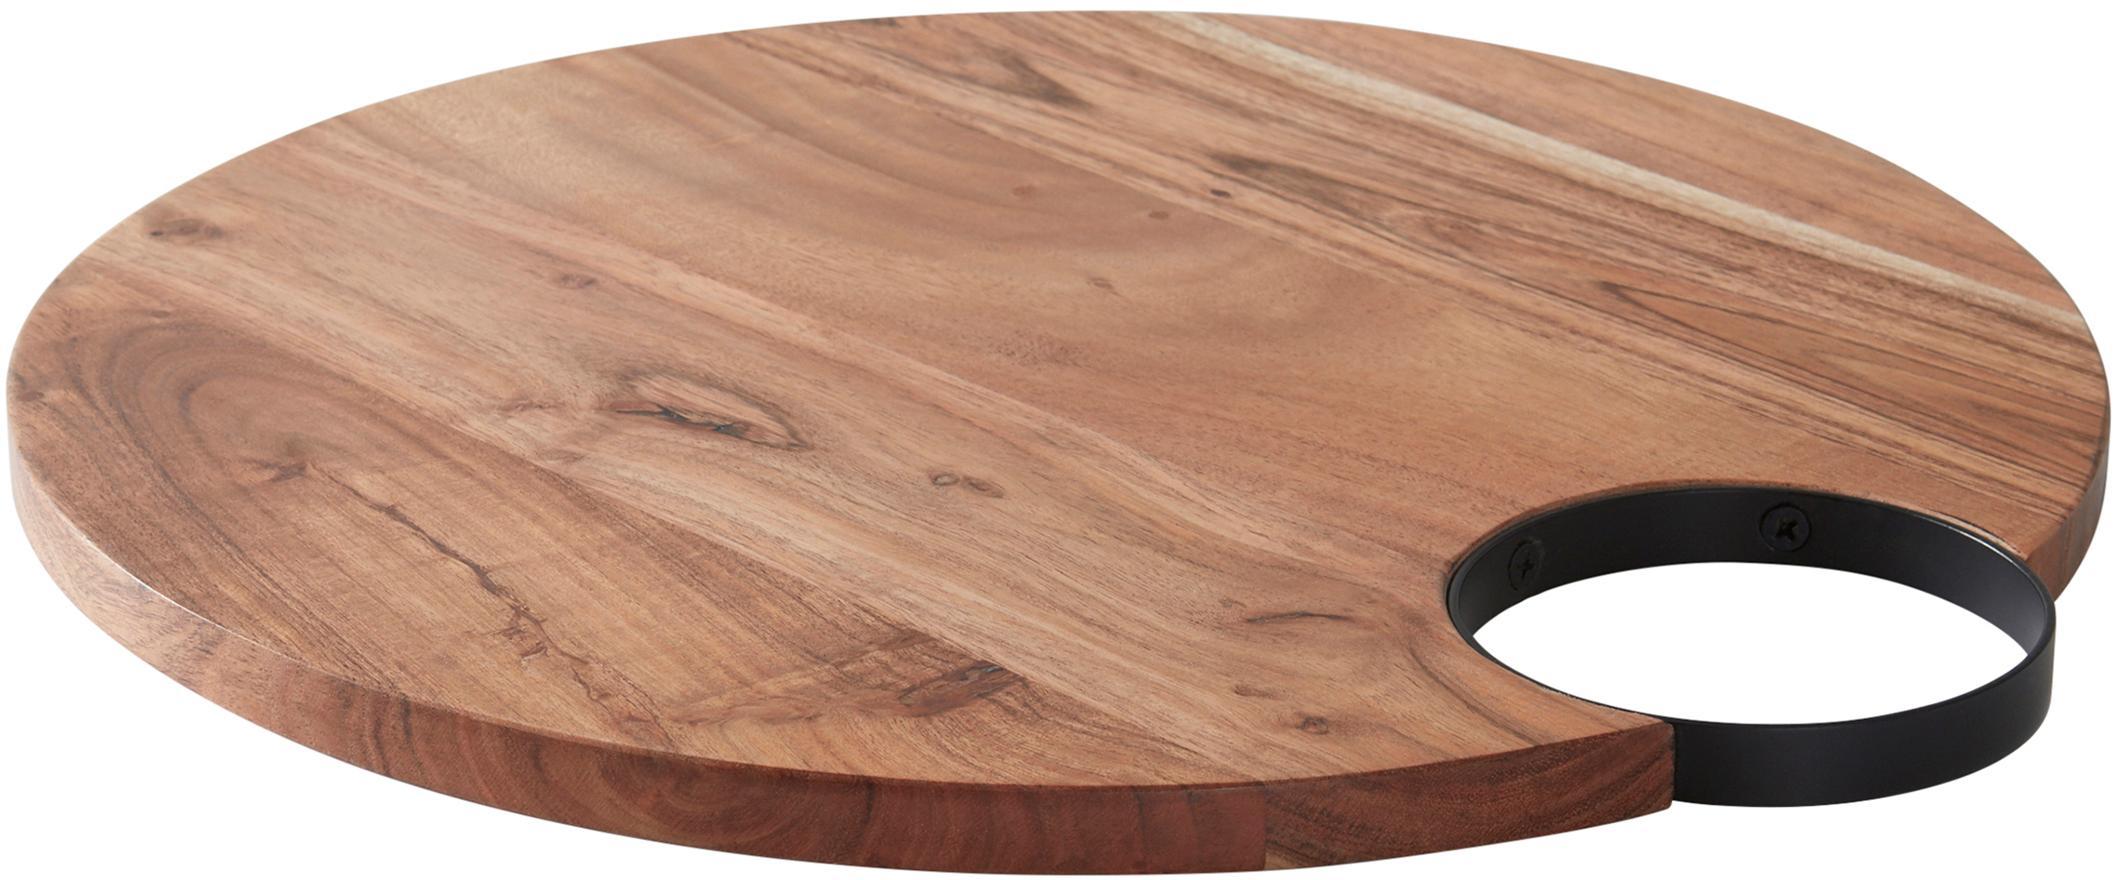 Tabla de cortar de madera Valentine, Madera de acacia, negro, An 40 x F 38 cm